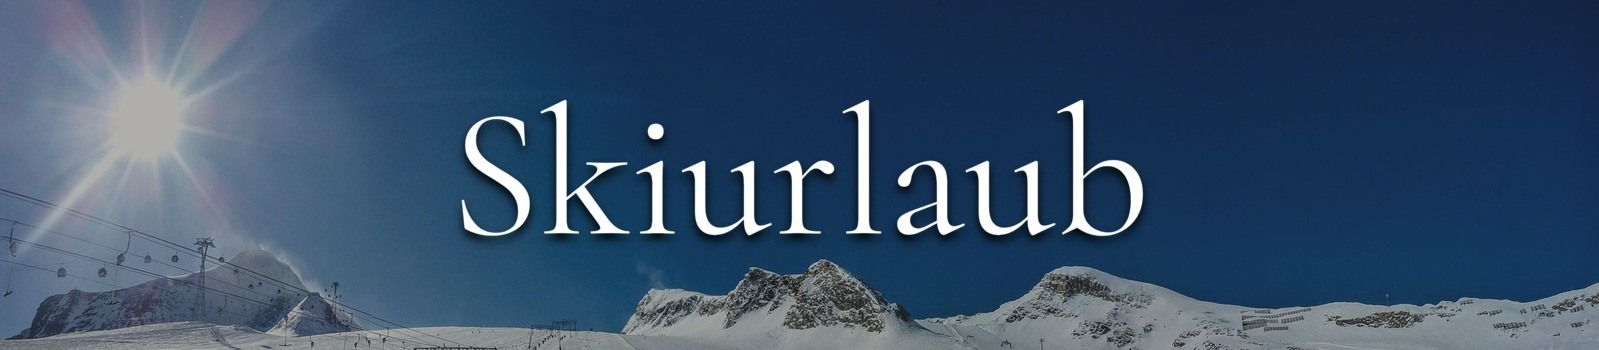 Skiurlaub Banner